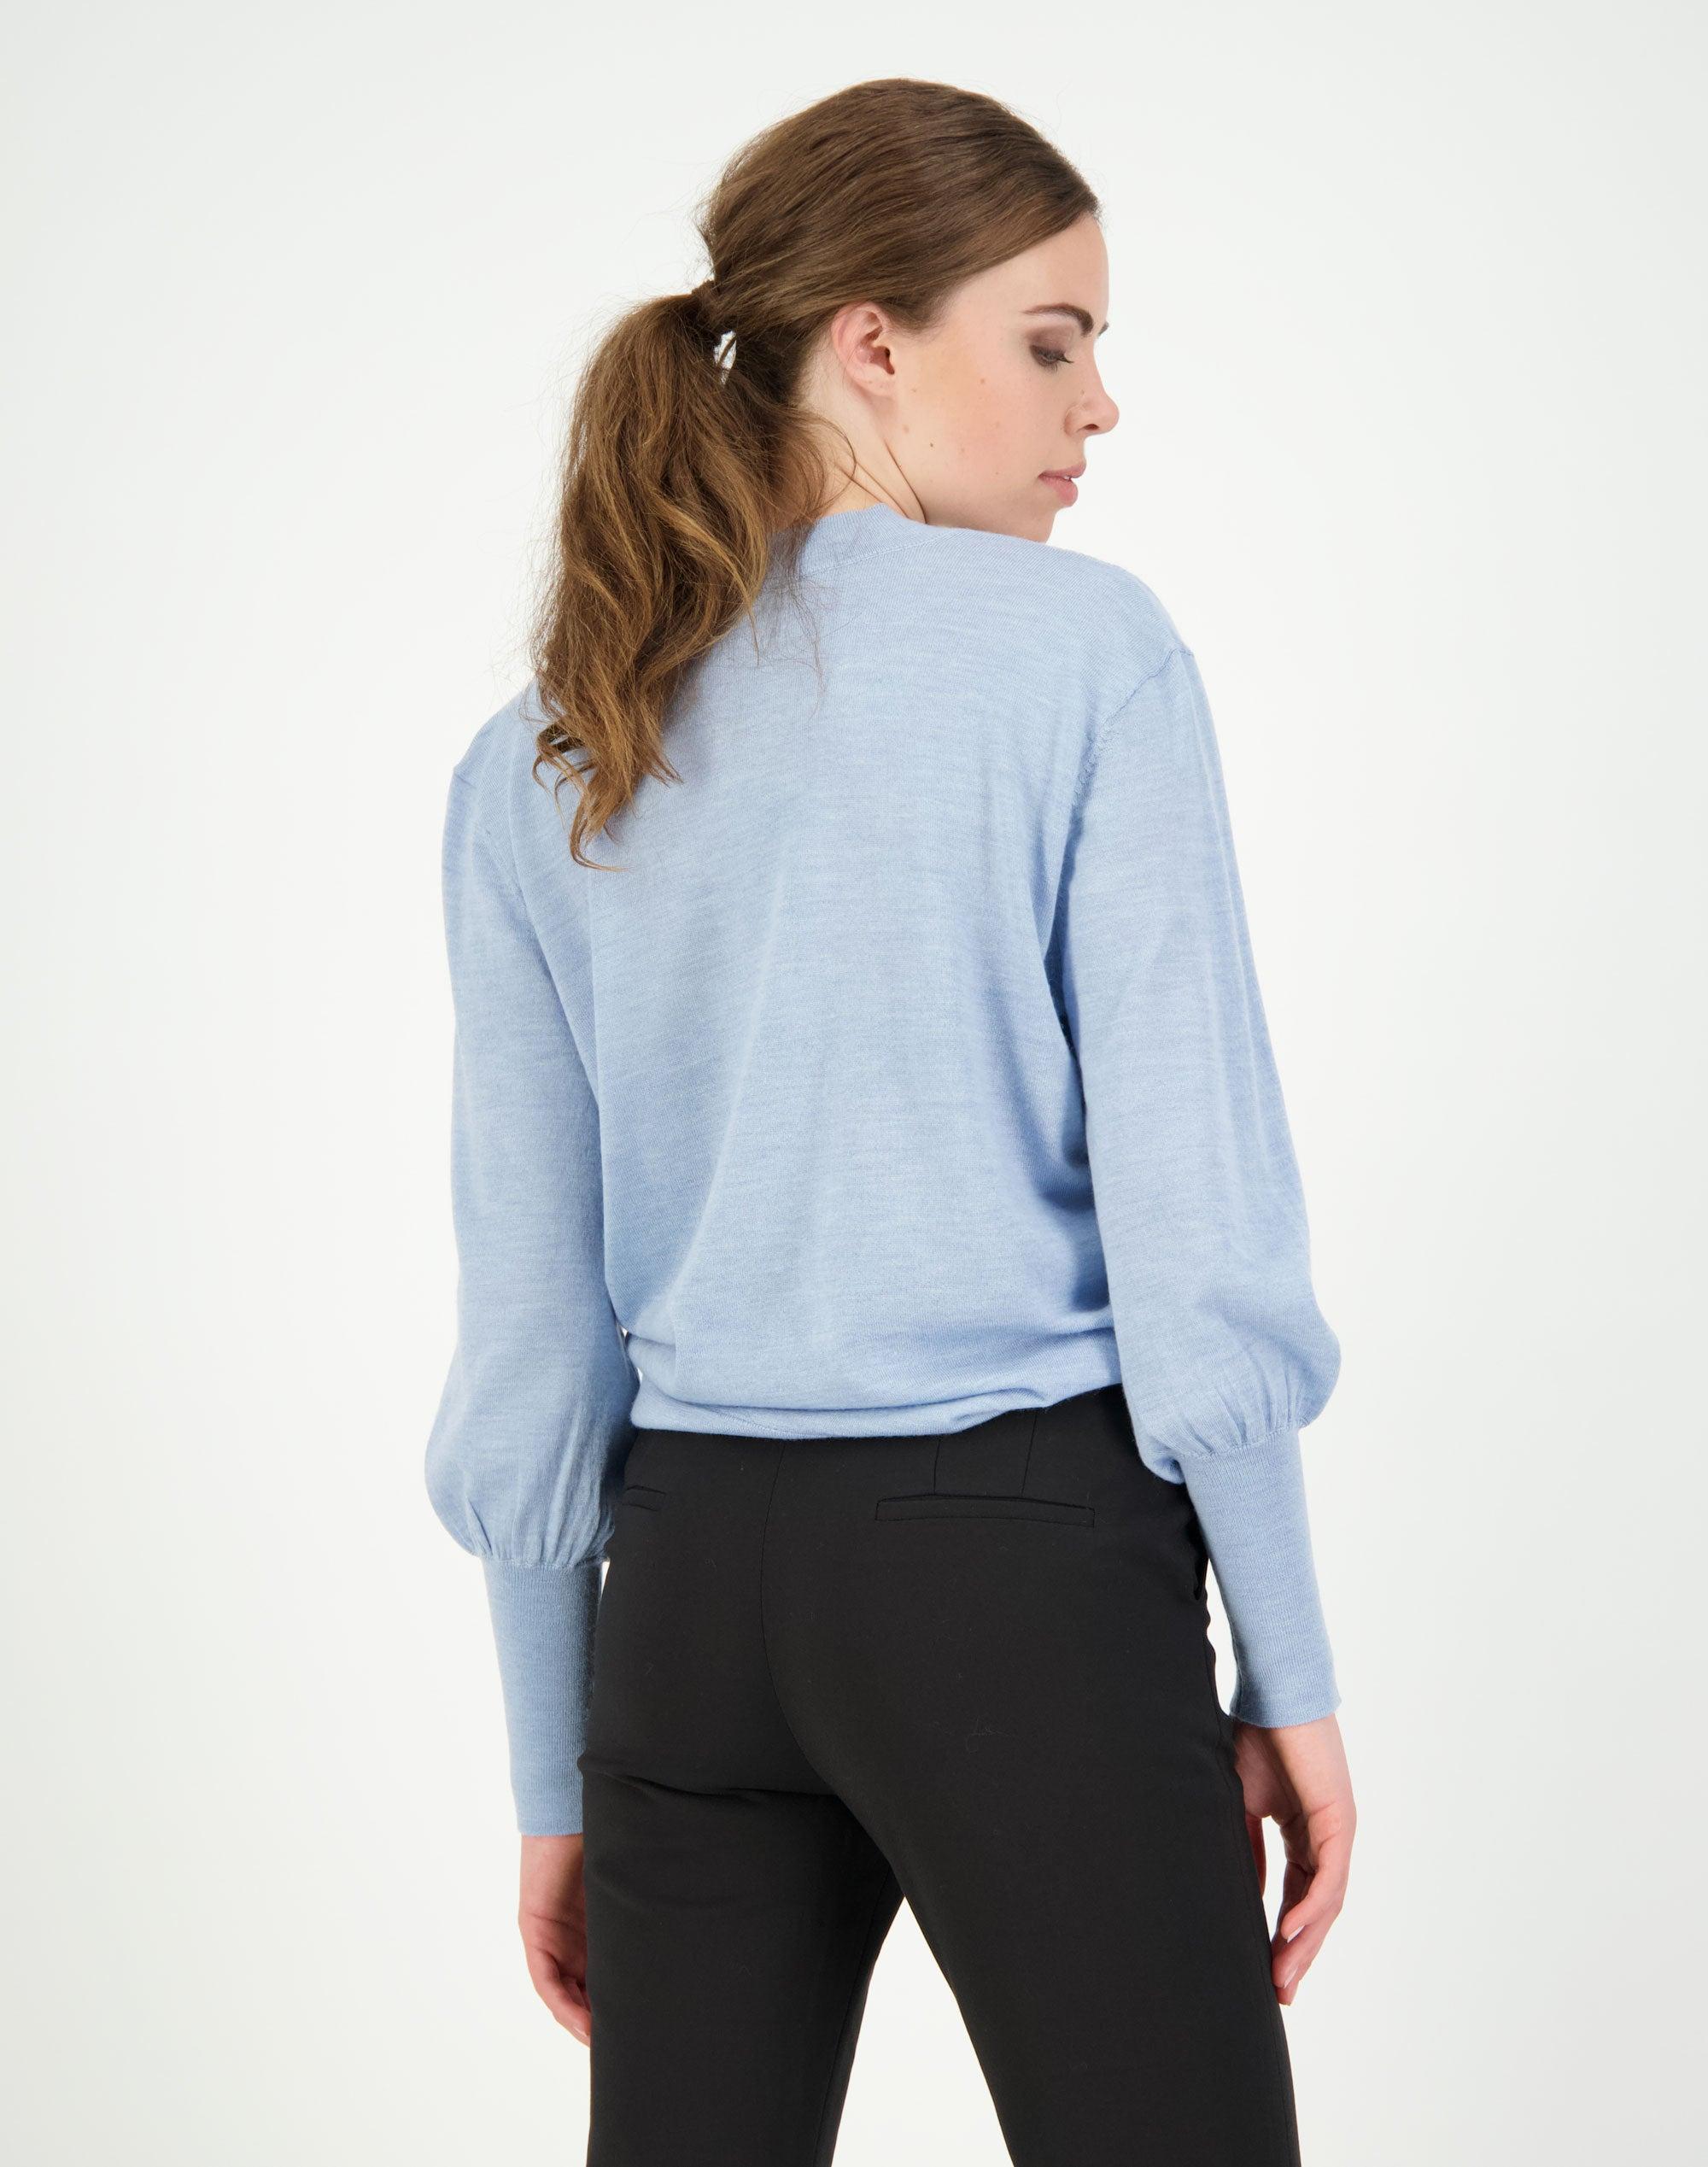 Hudson Merino Sweater